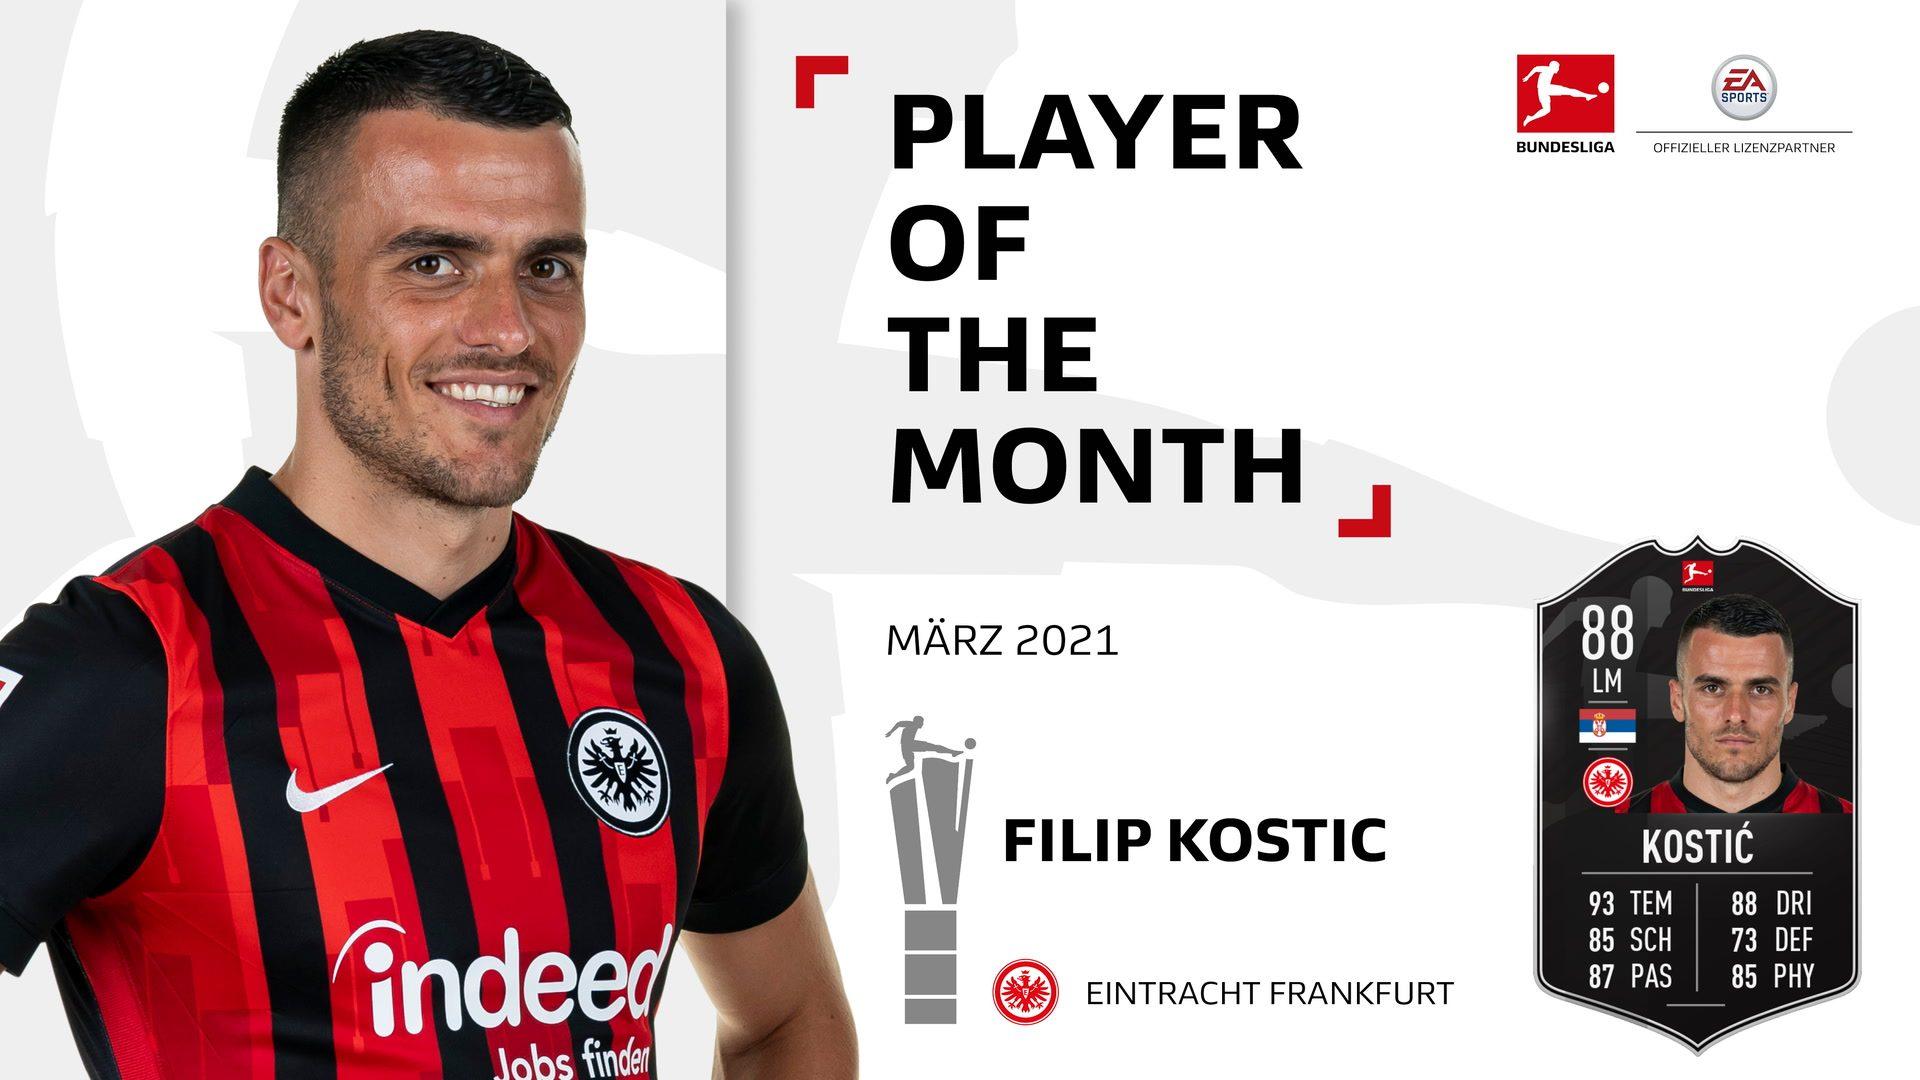 Filip Kostic ist Spieler des Monats März